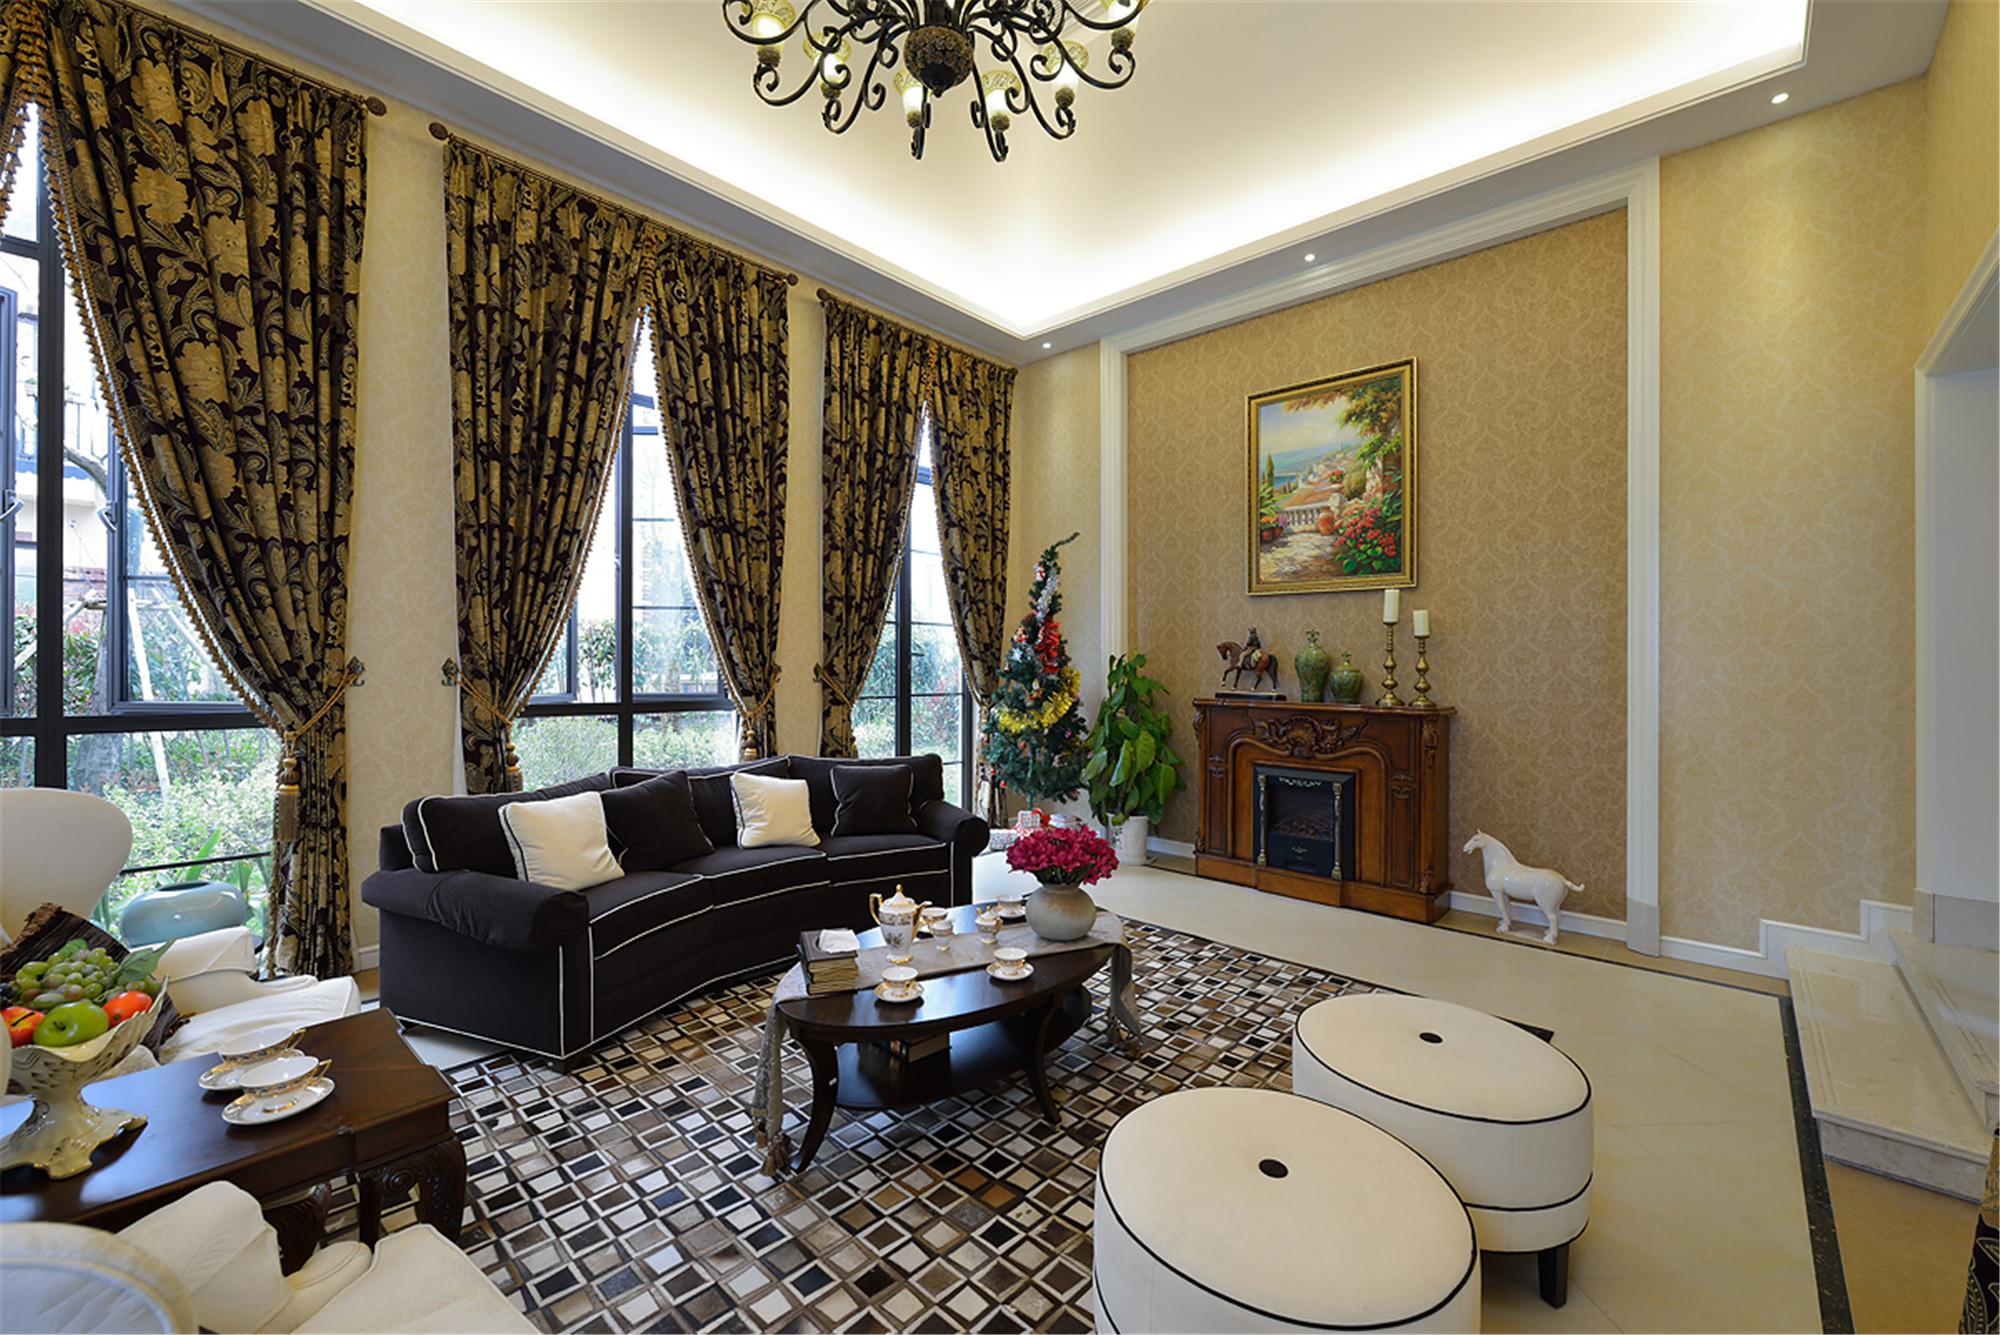 欧式壁炉清⌒ 新简约客厅家具装修图片